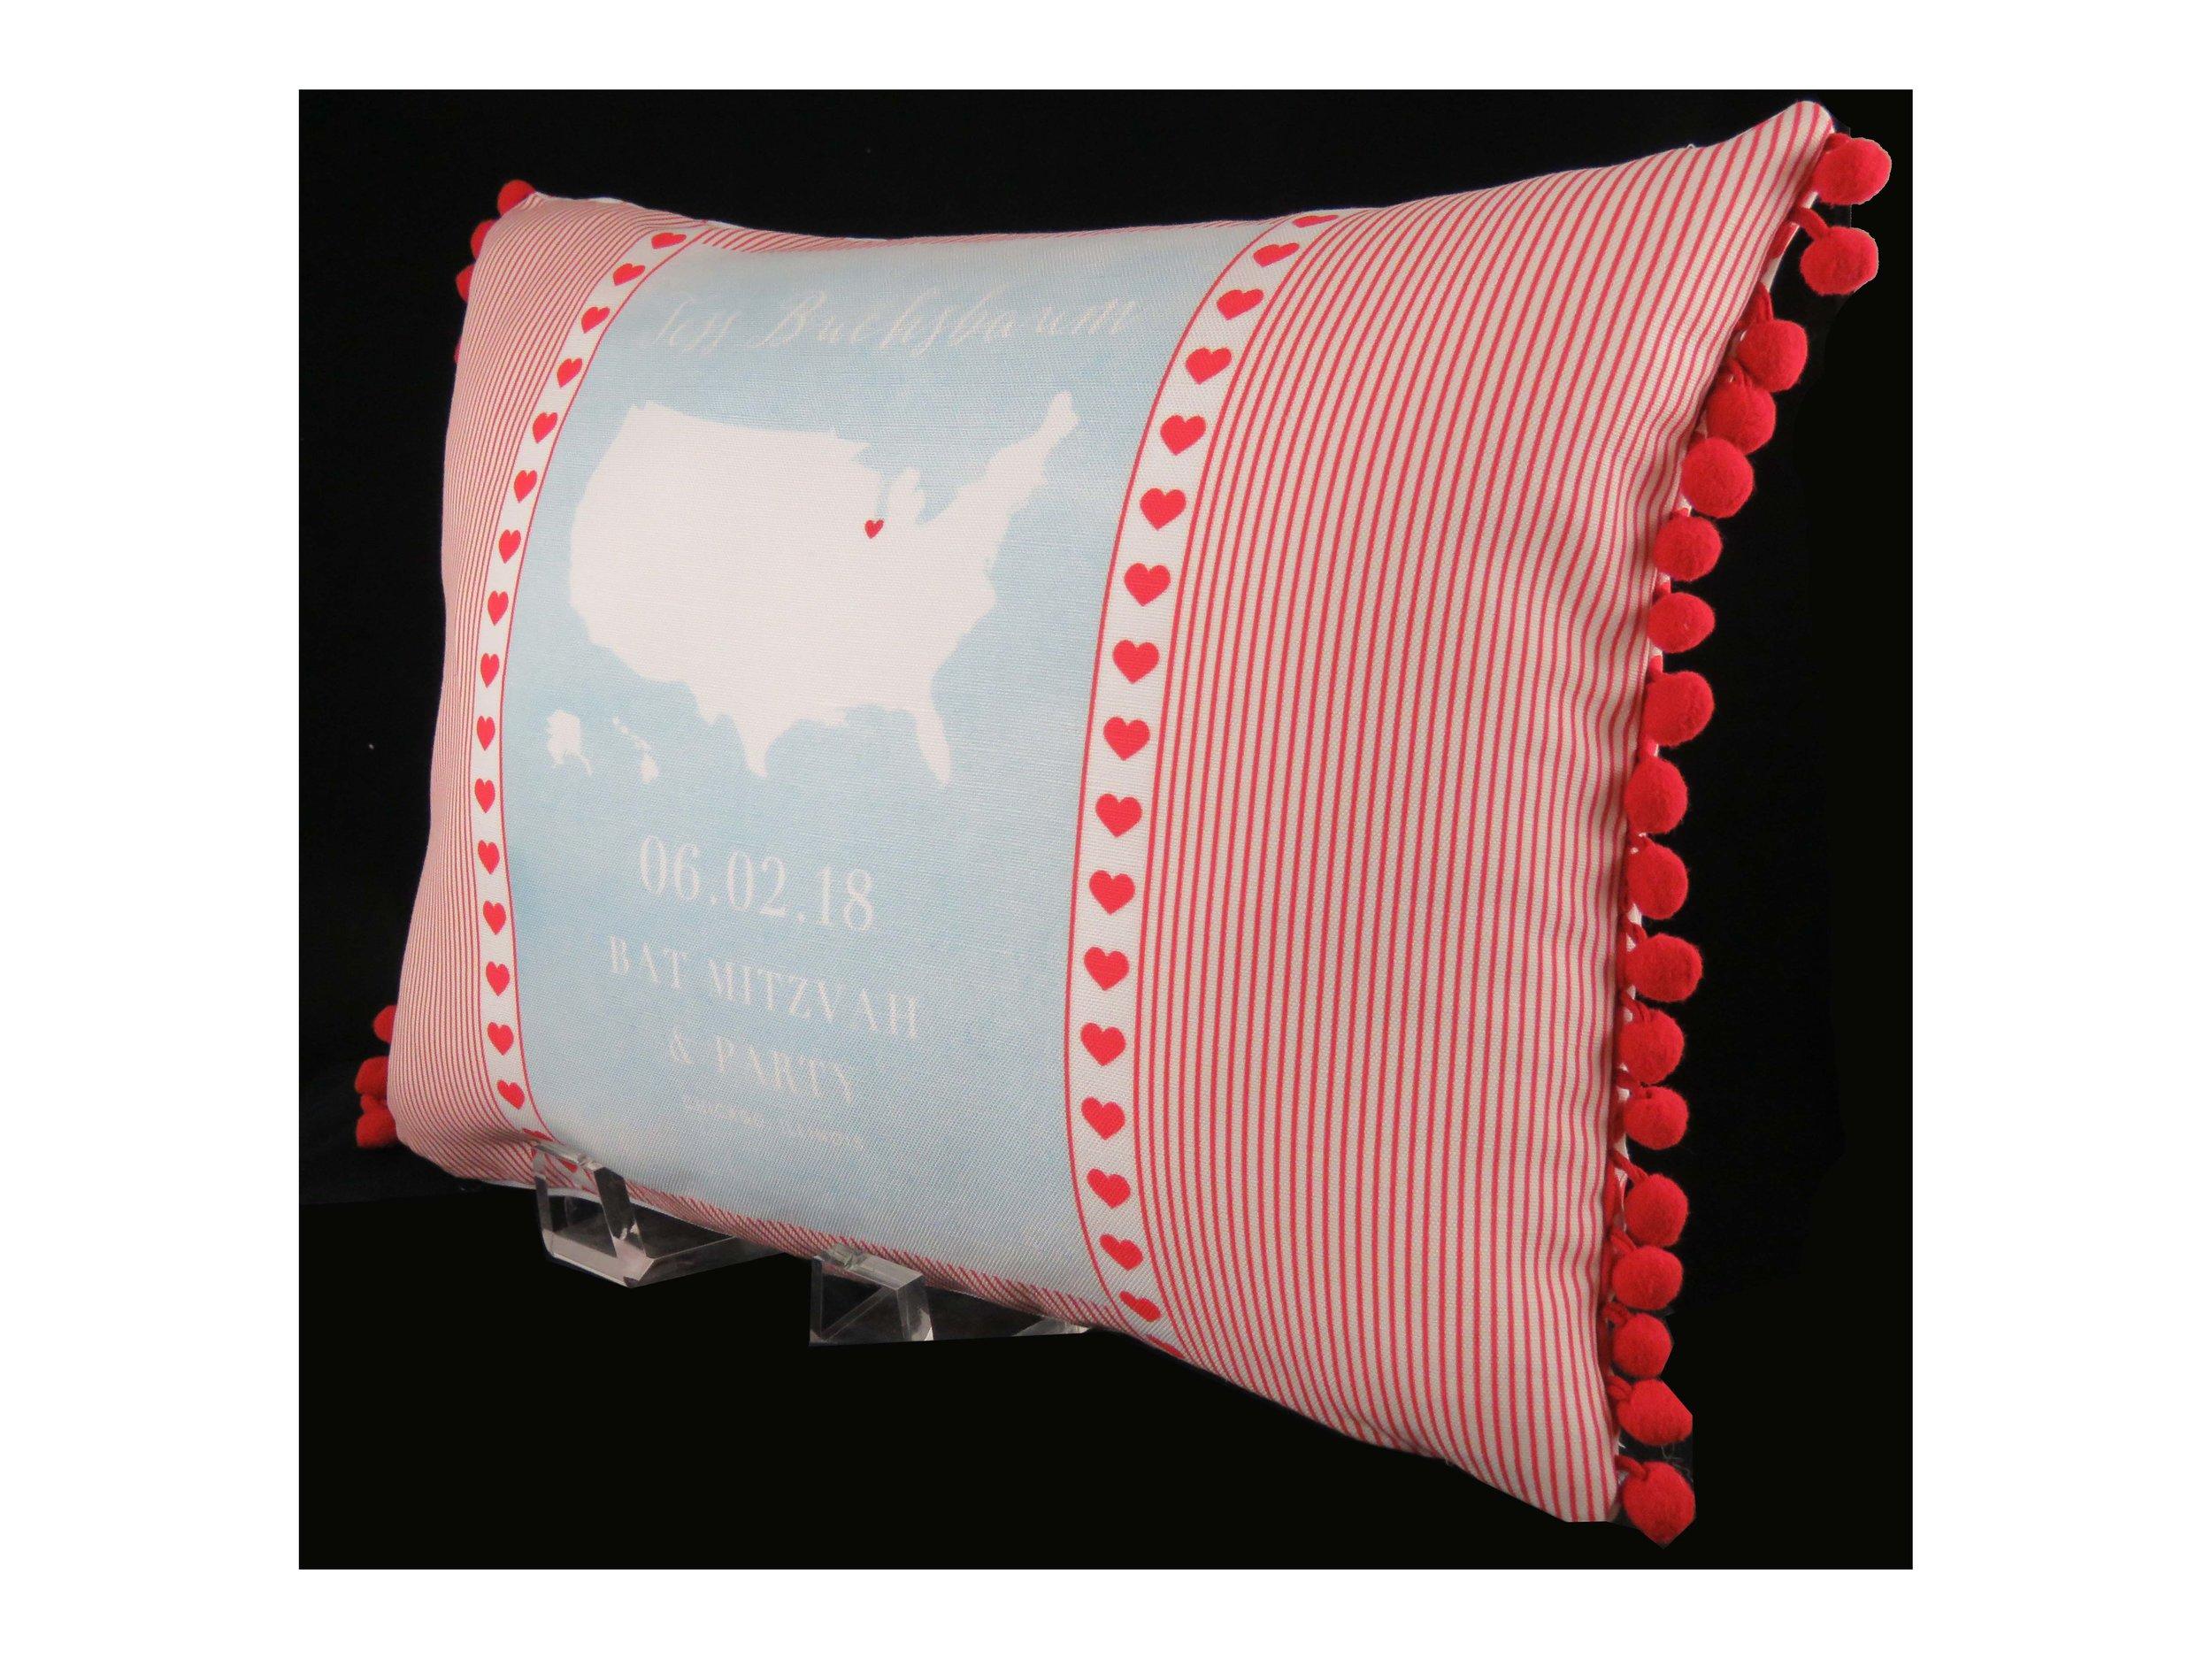 bat-mitzvah-heart-pillow-side-FWIMG_0202.jpg